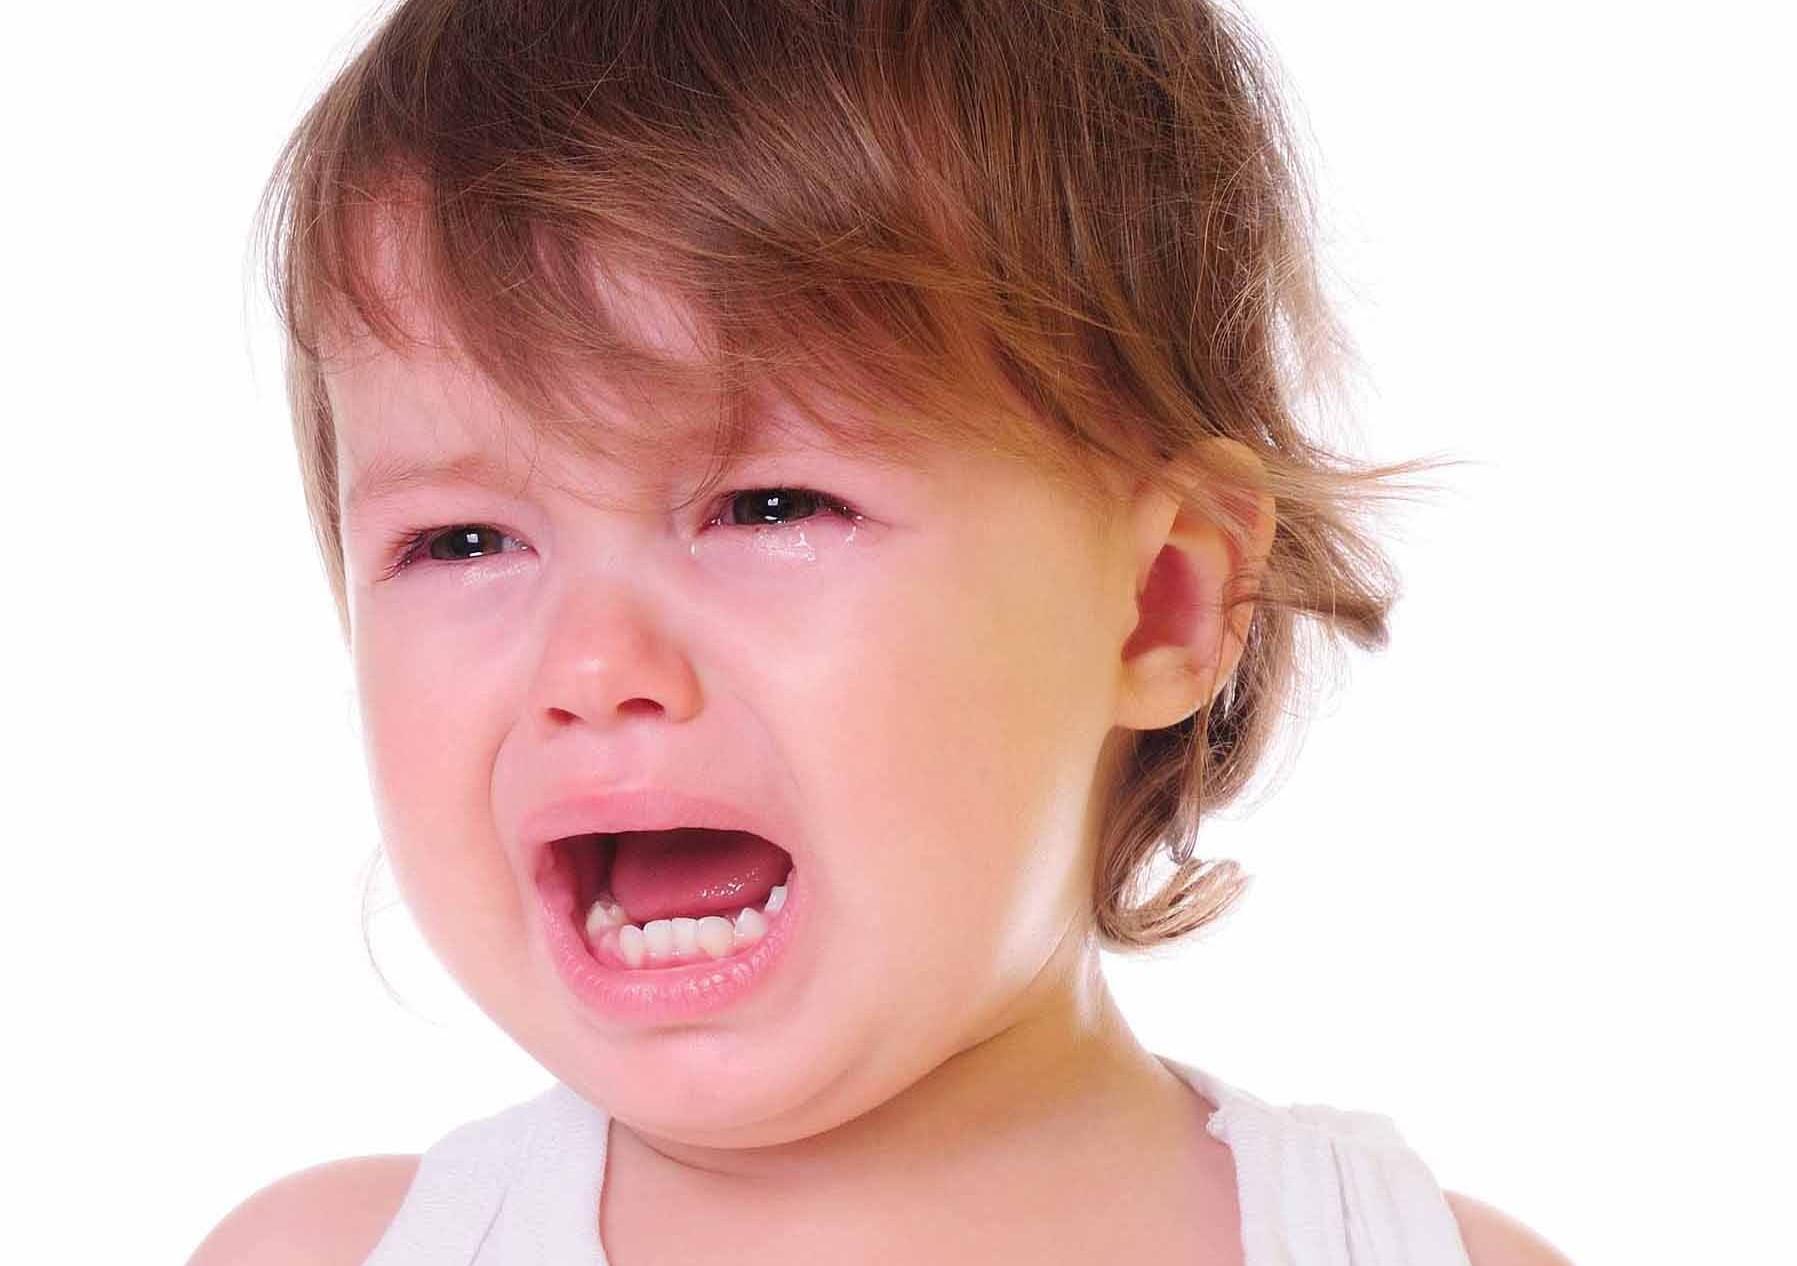 Nghiến răng khi ngủ ở trẻ em có thể do vấn đề tâm lý